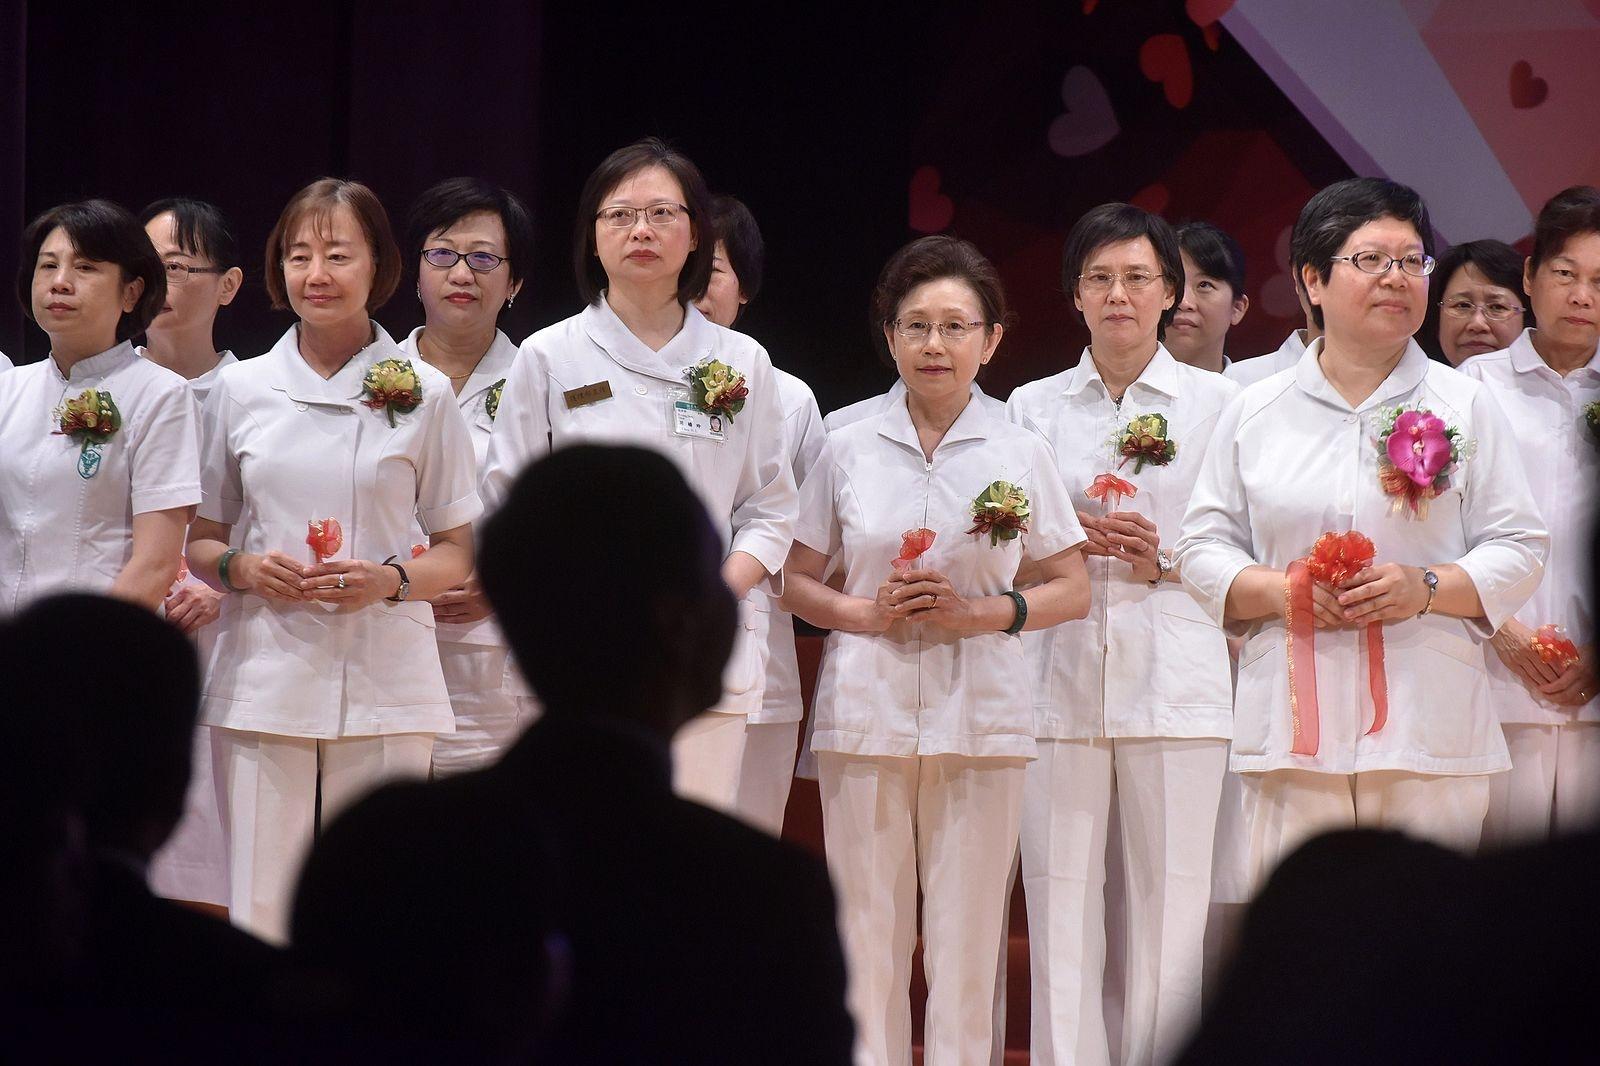 千手傳愛 璀璨希望─106年國際護師節聯合慶祝大會